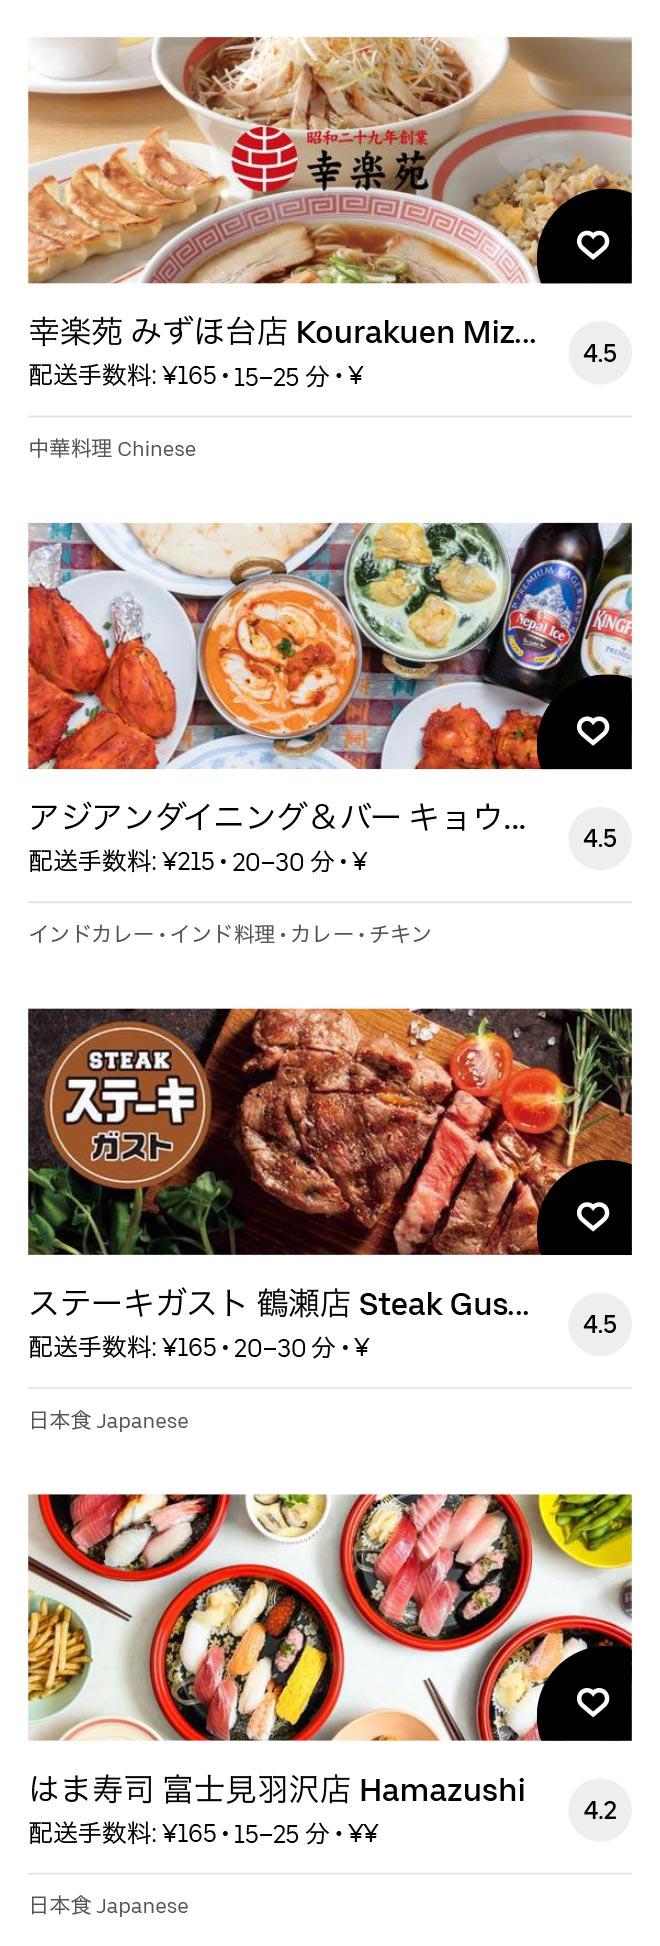 Tsuruse menu 2011 04